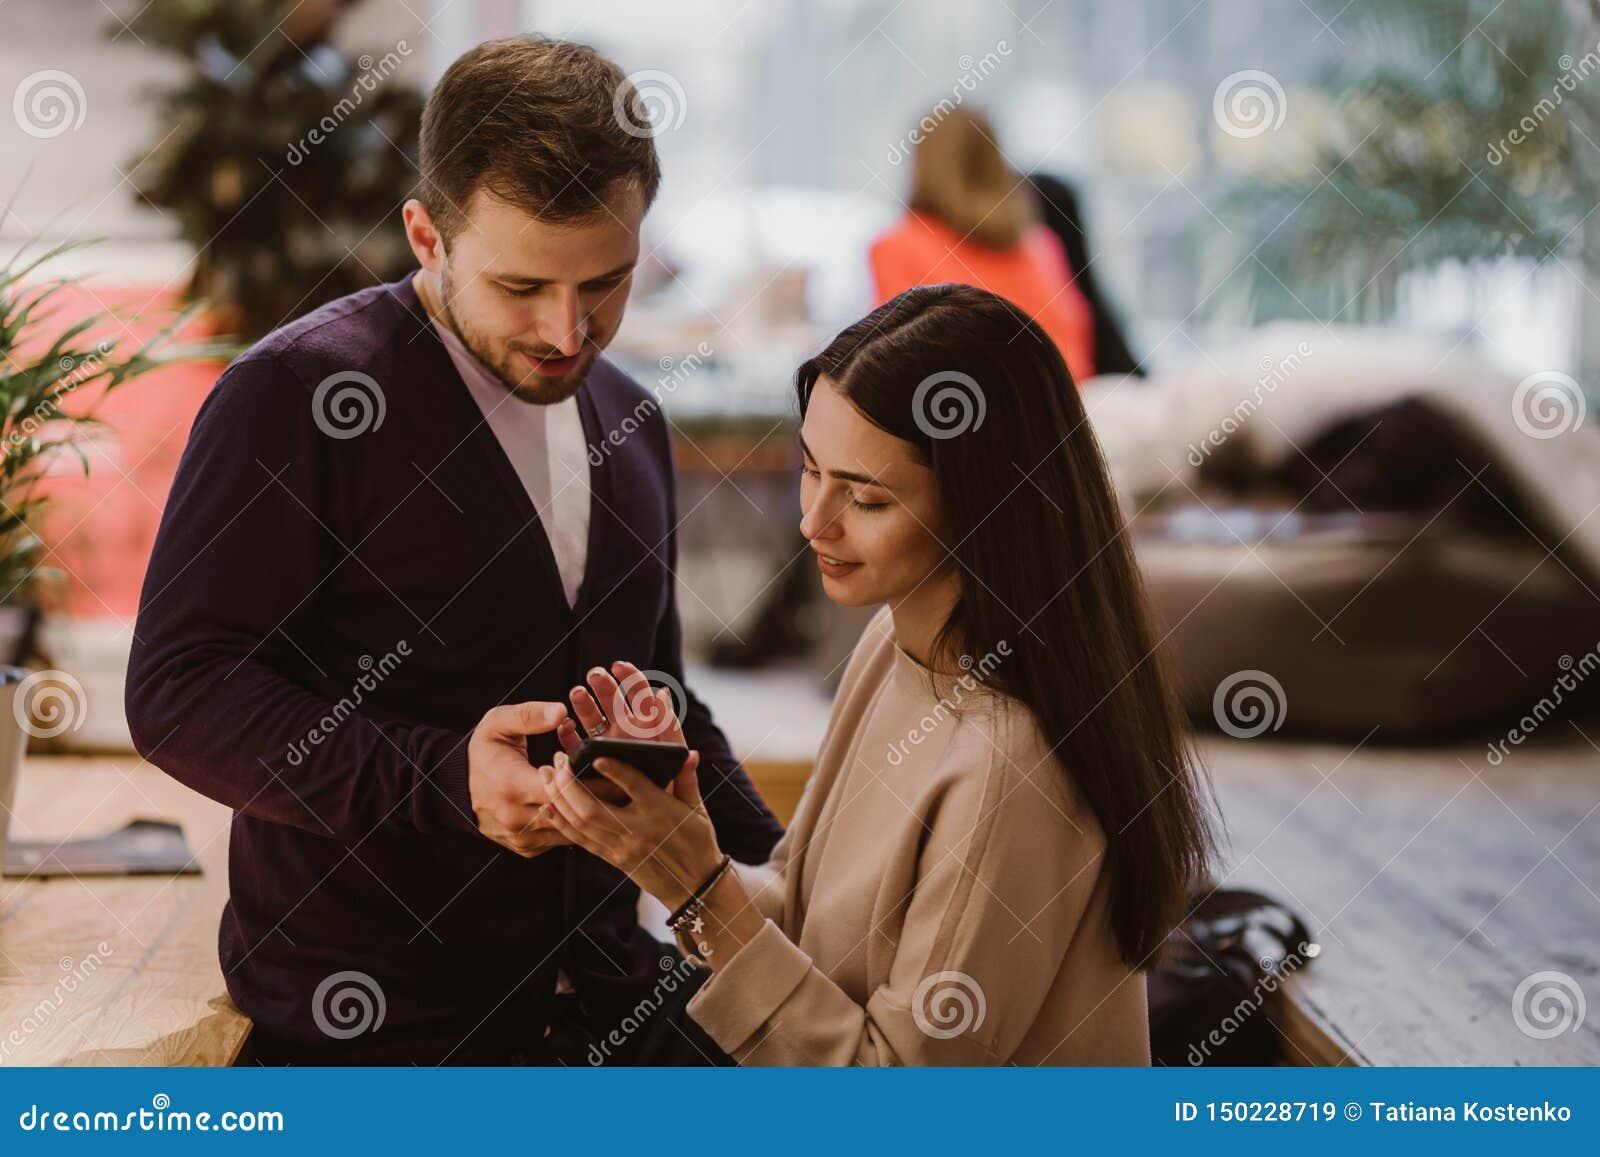 Ο αγαπώντας τύπος και το κορίτσι που ντύνονται στα πουλόβερ και τα τζιν κάθονται στον πίνακα στον καφέ και εξετάζουν το κινητό τη